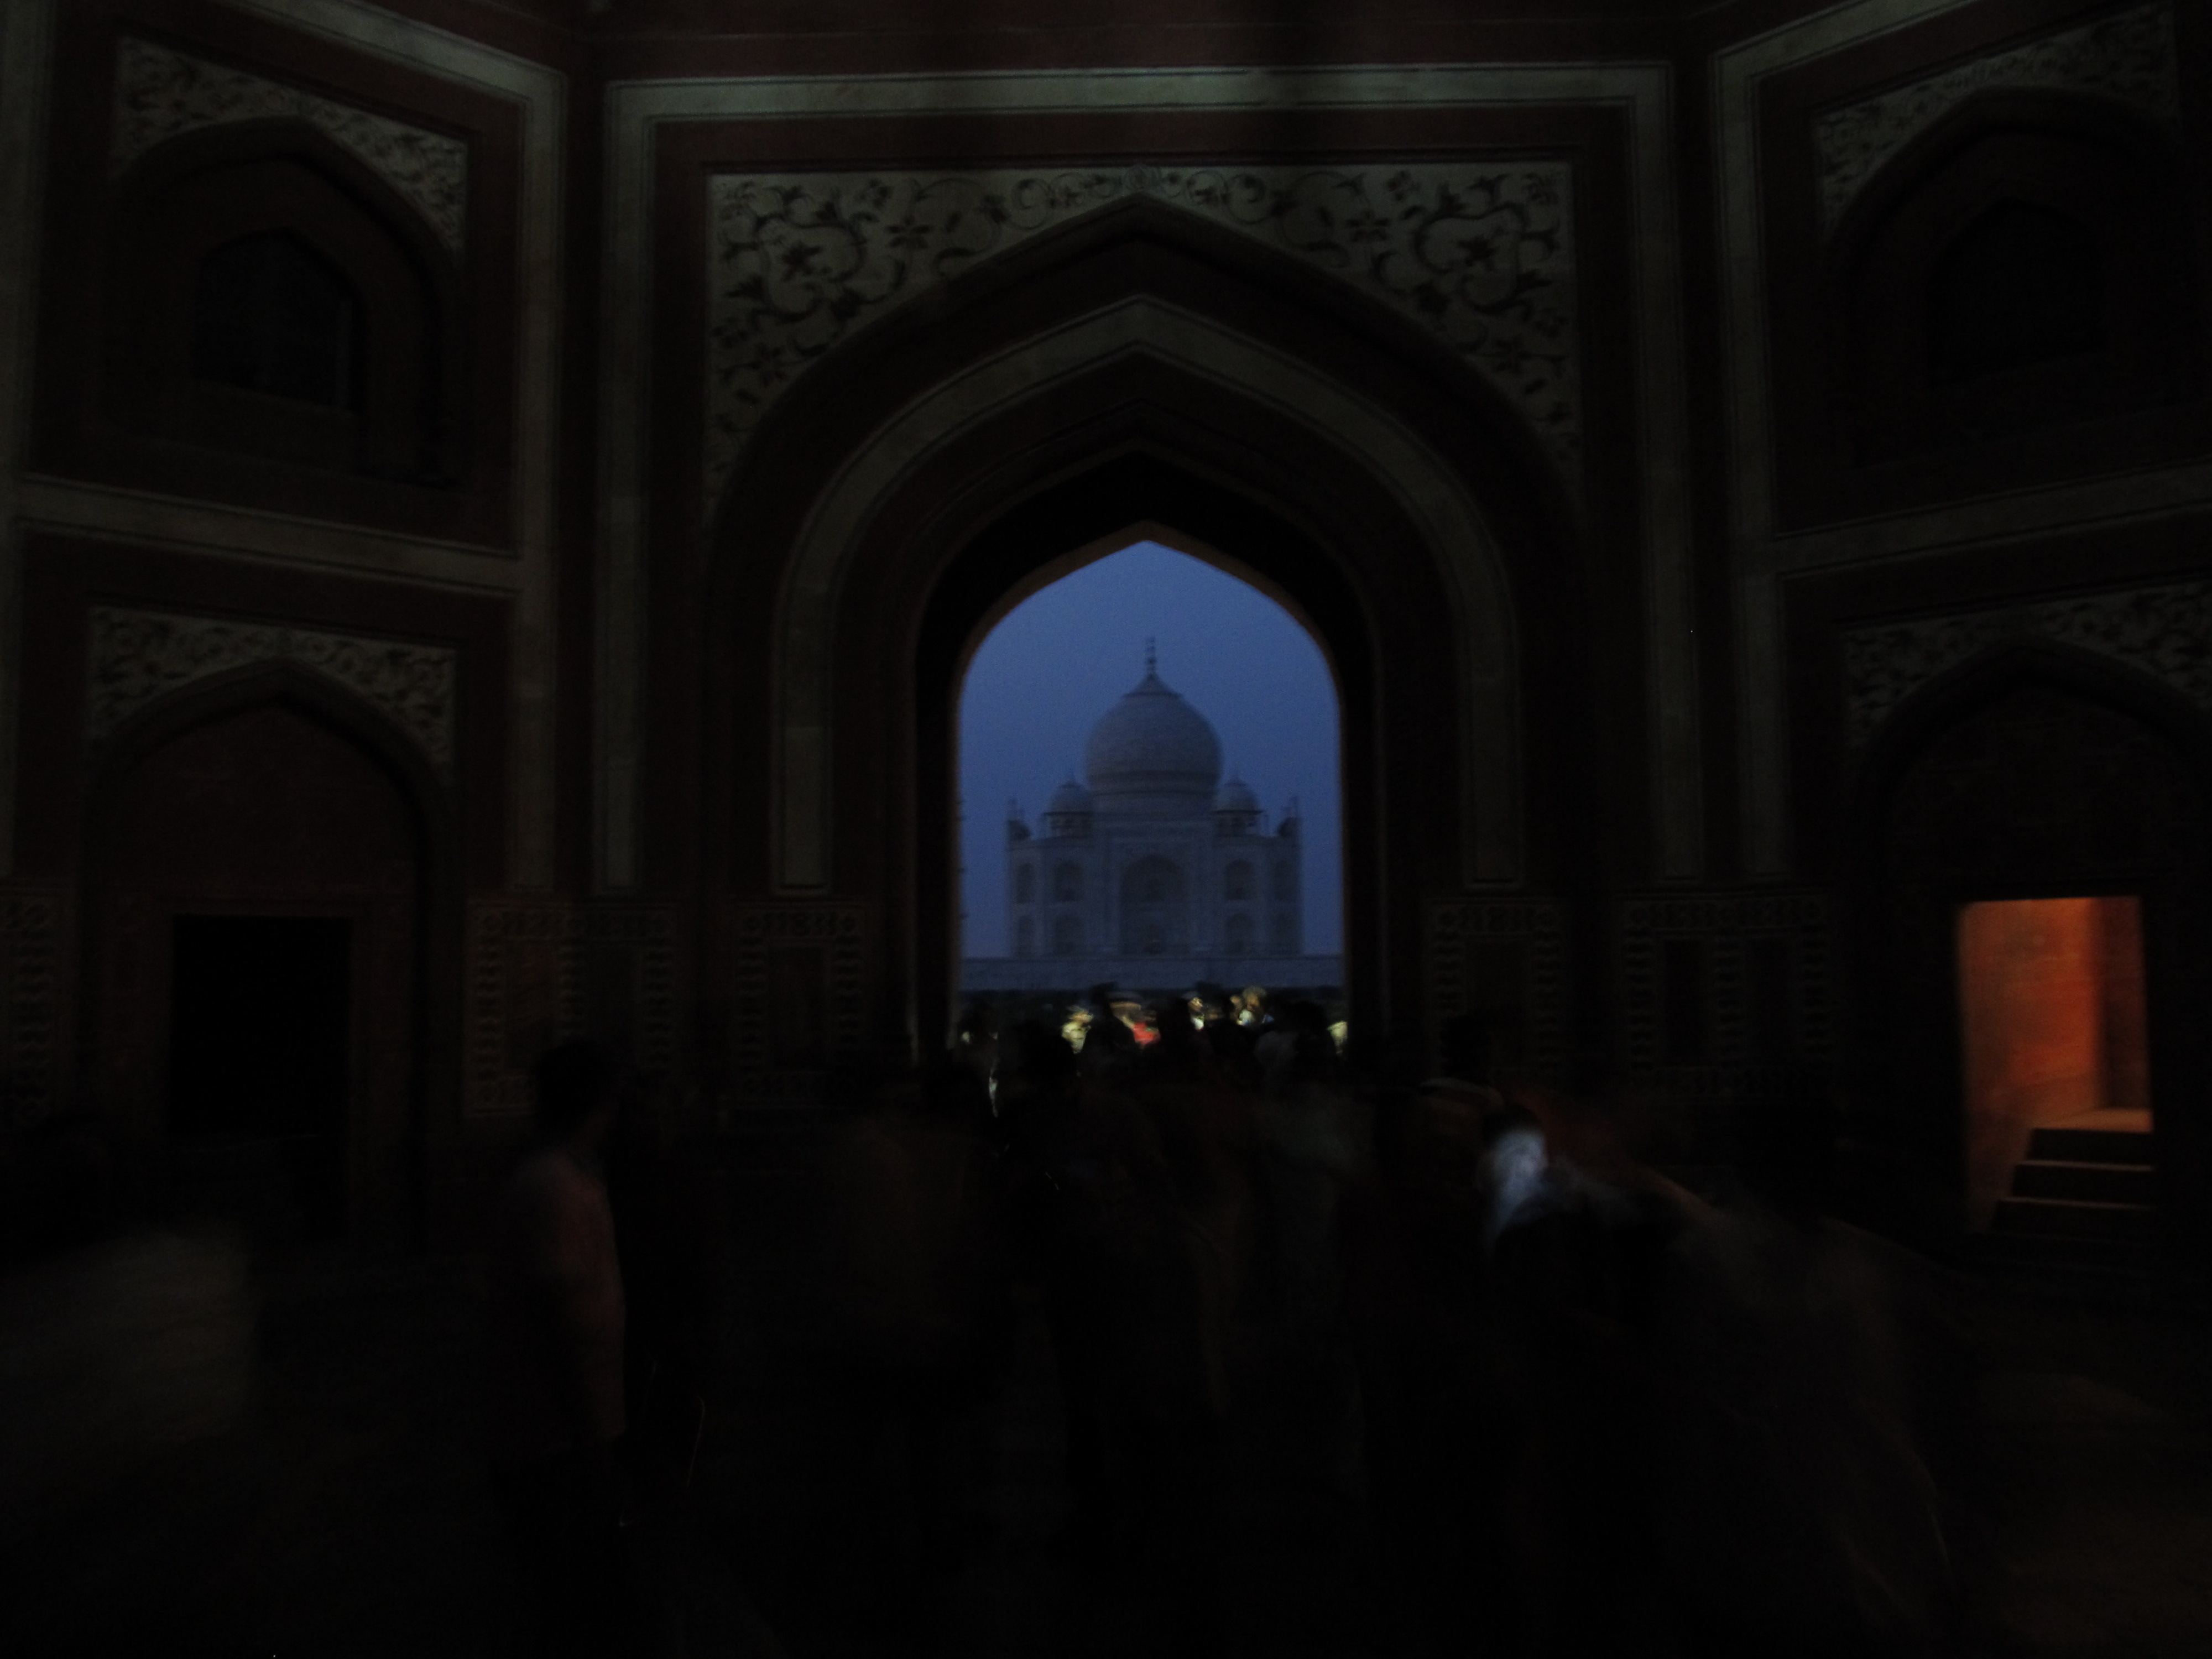 Taj in the dark